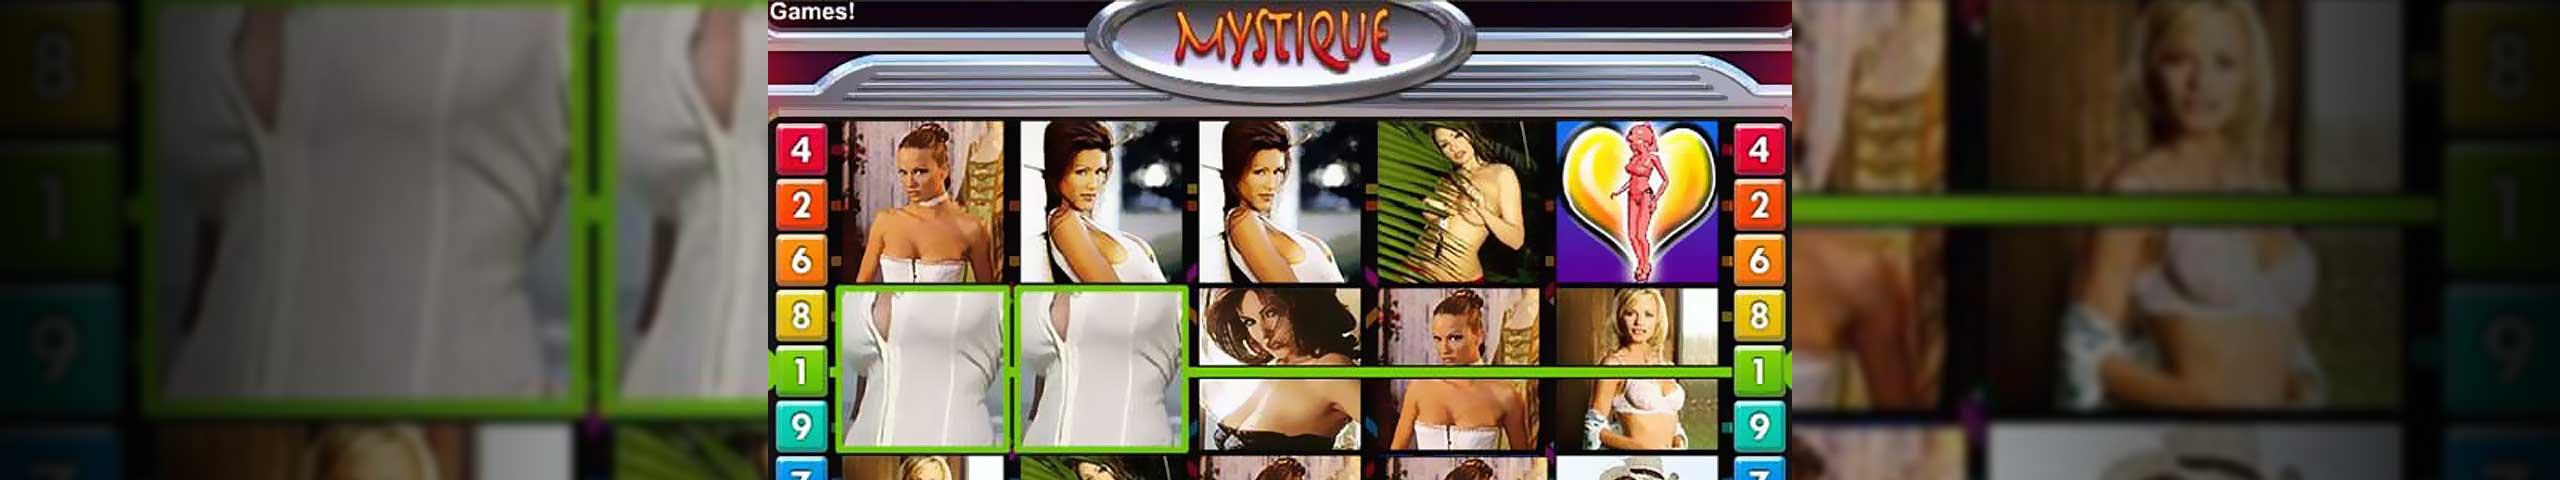 Mystique Club